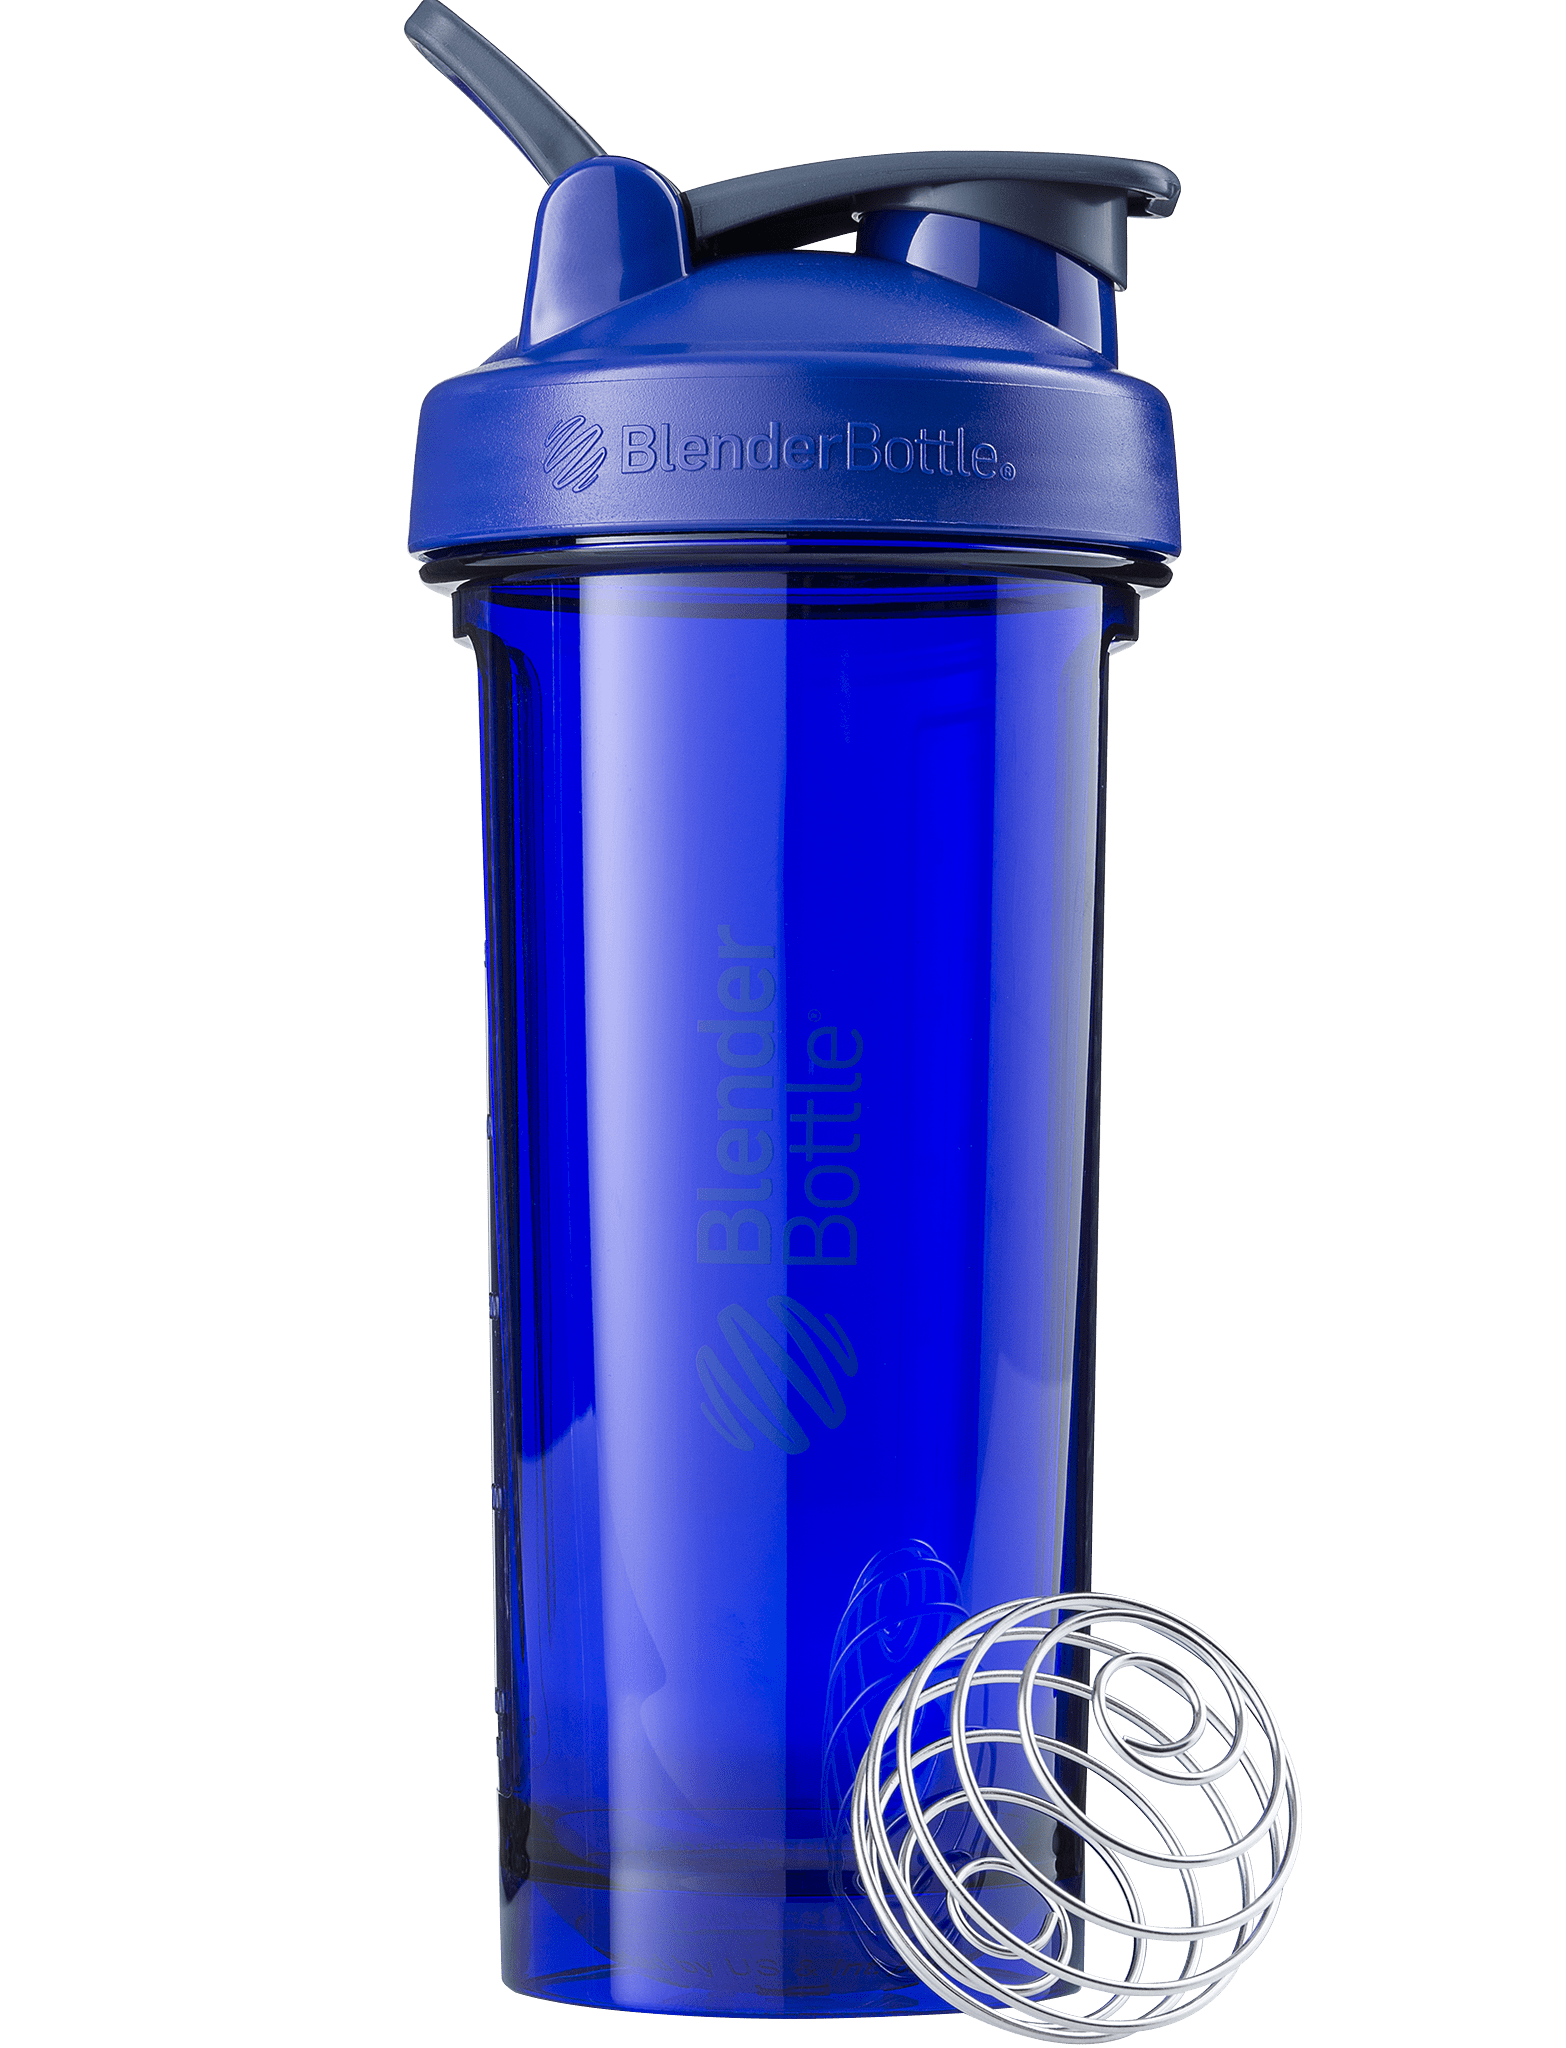 BlenderBottle Pro Series 28oz Shaker Cup Jet - Walmart.com ...